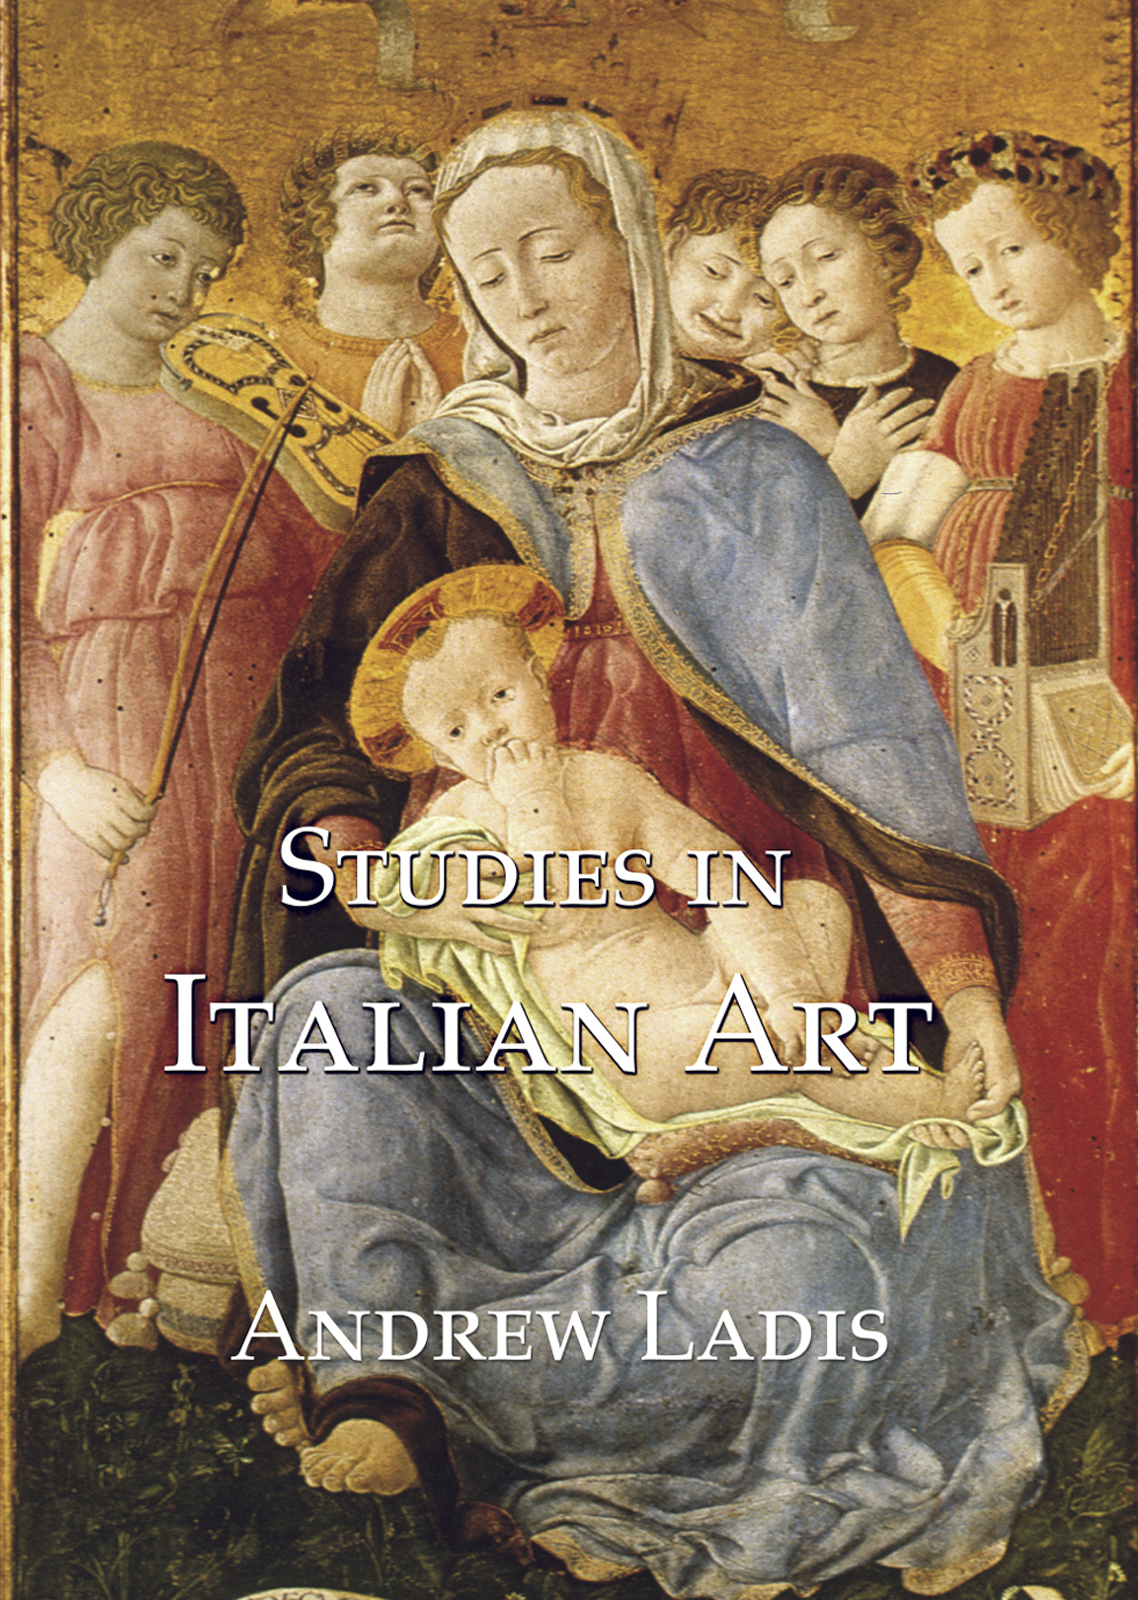 Andrew Ladis